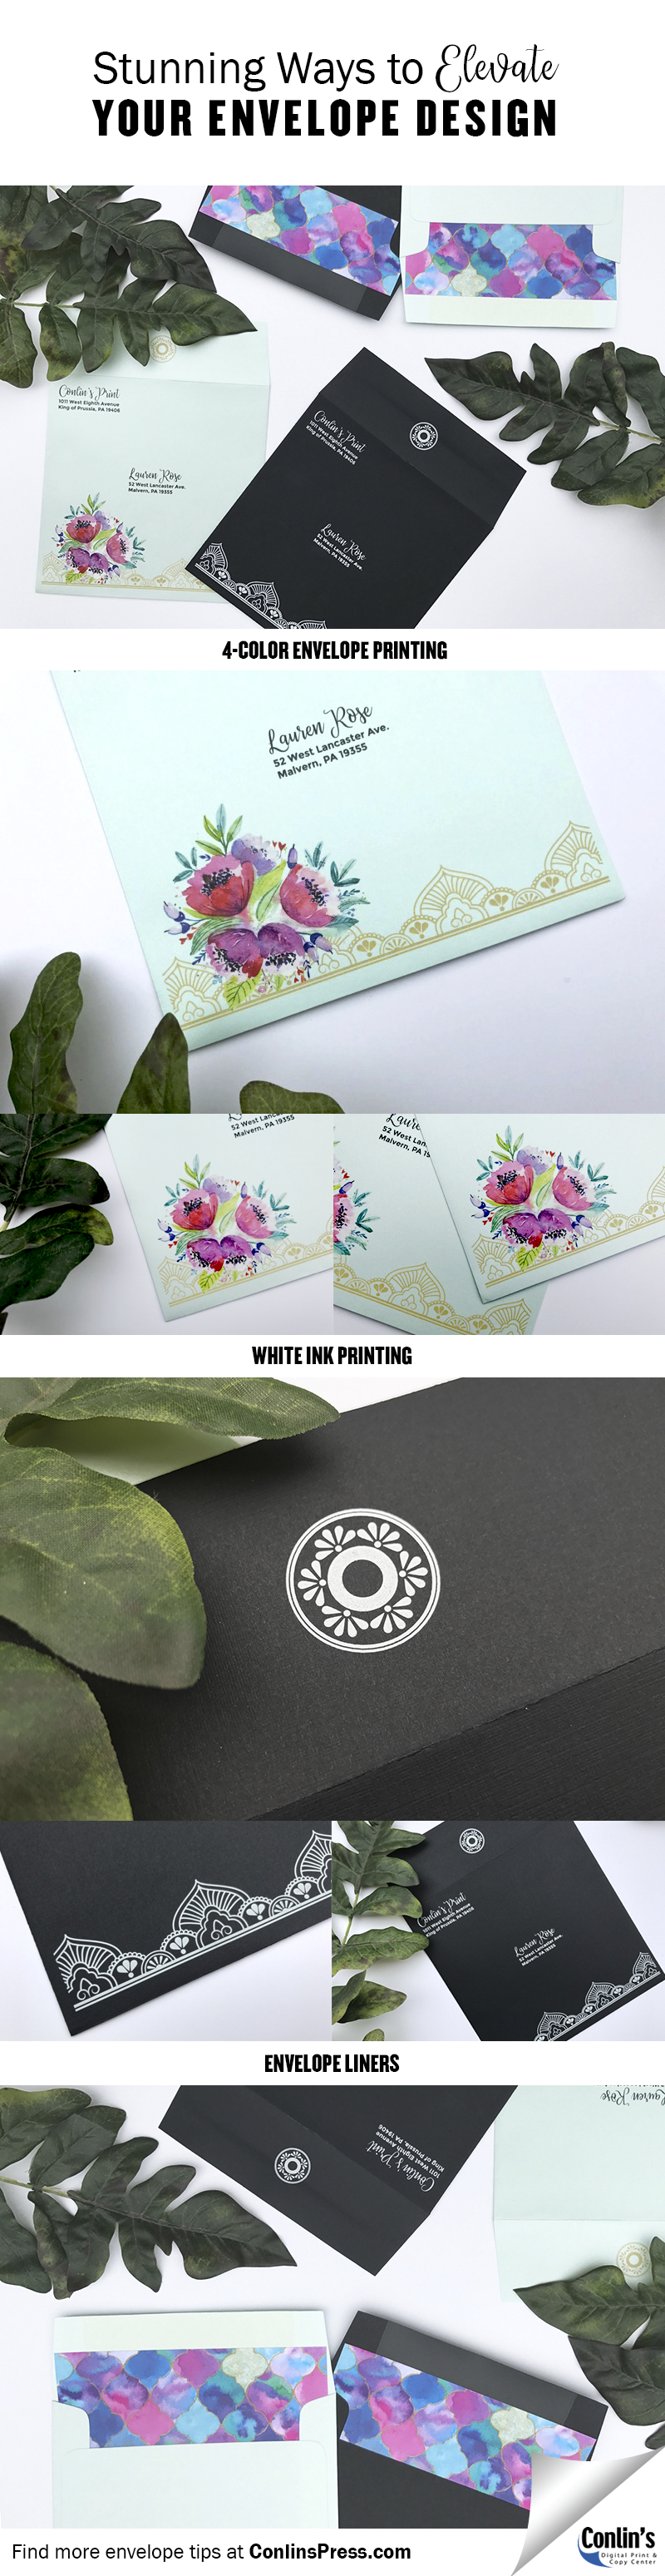 Envelope Printing Tips